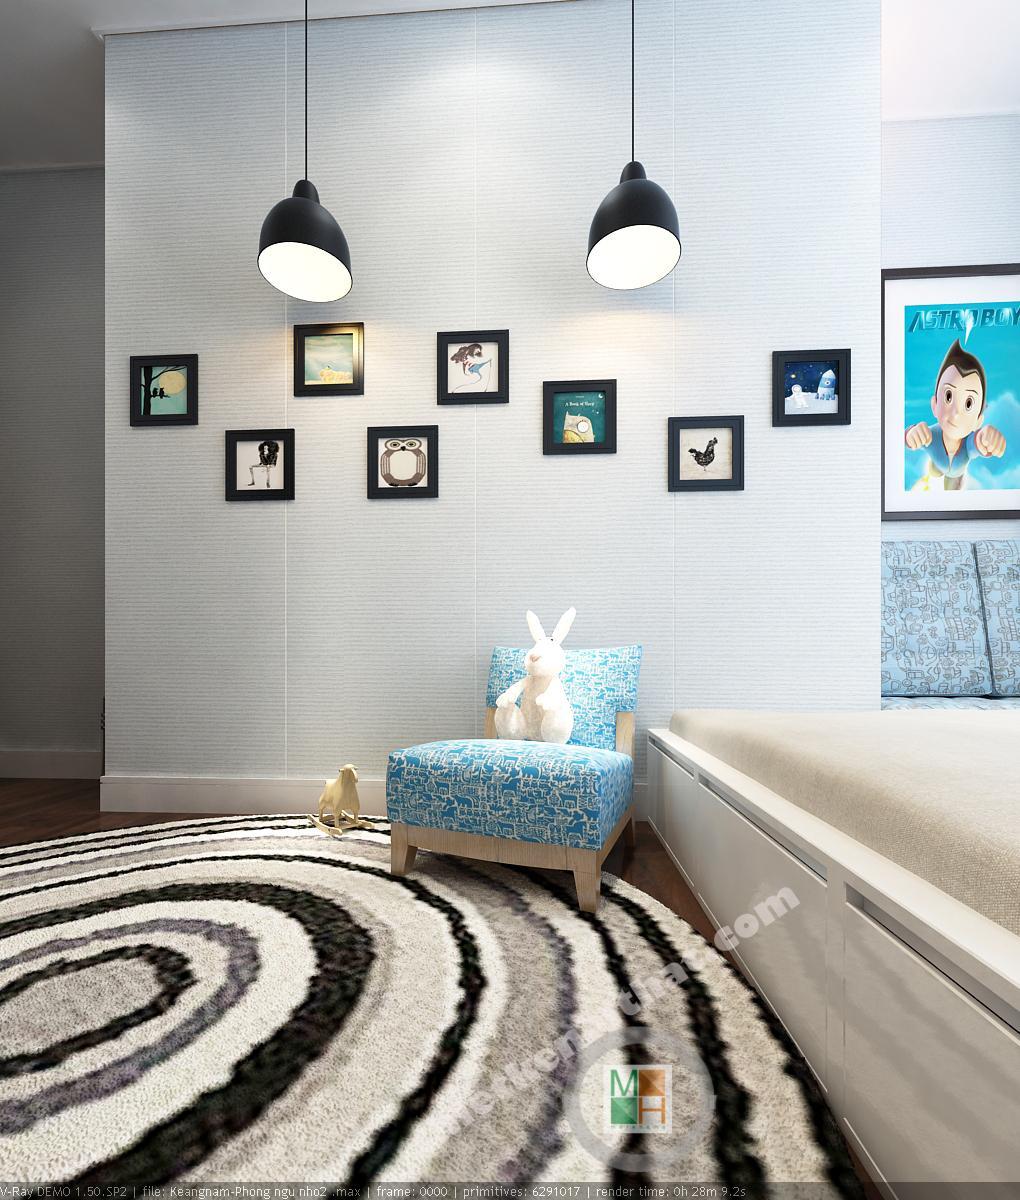 Thiết kế căn hộ chung cư Keangnam theo phong cách hiện đại